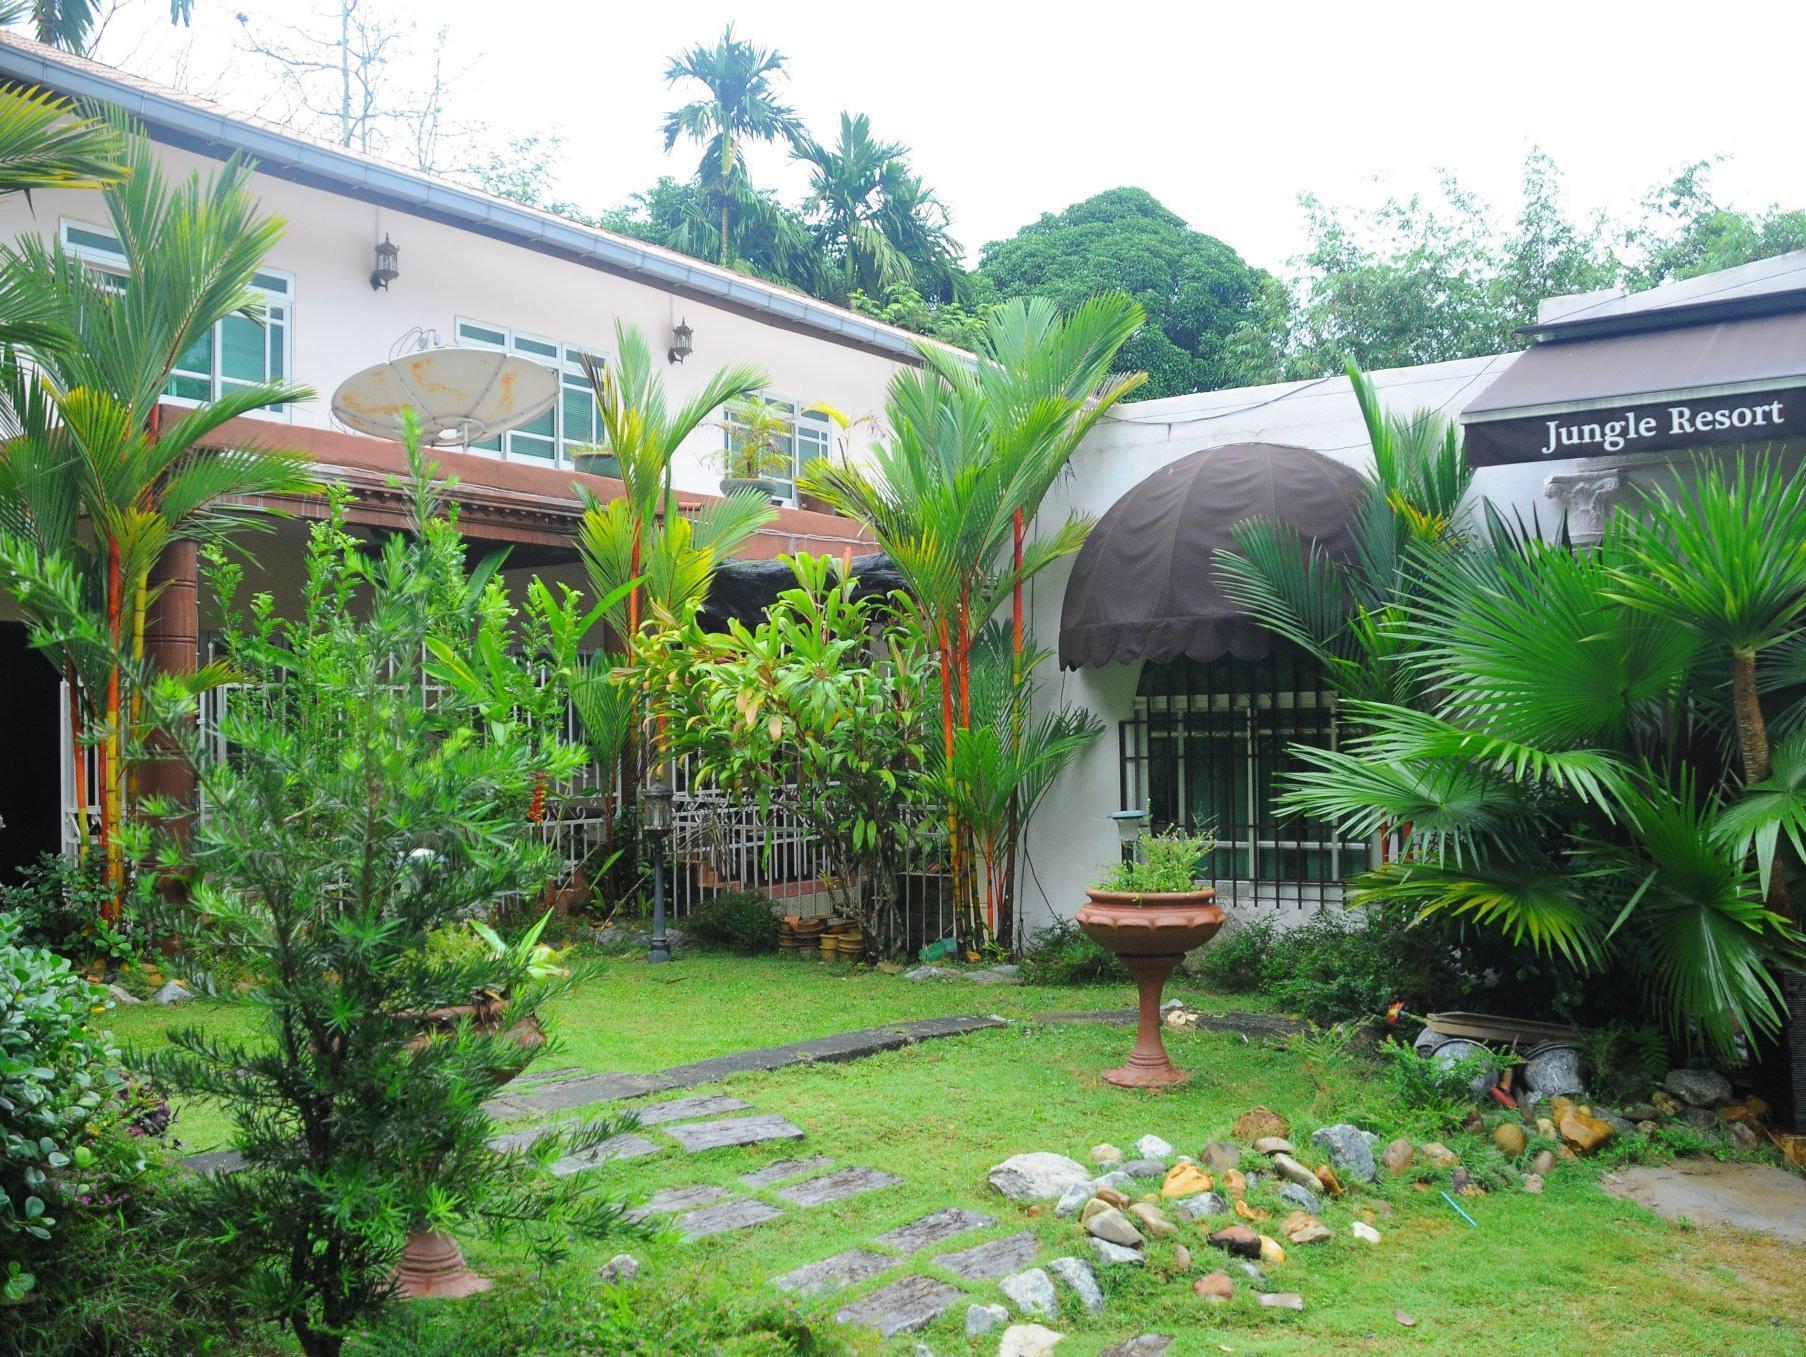 Jungle Resort, Sik